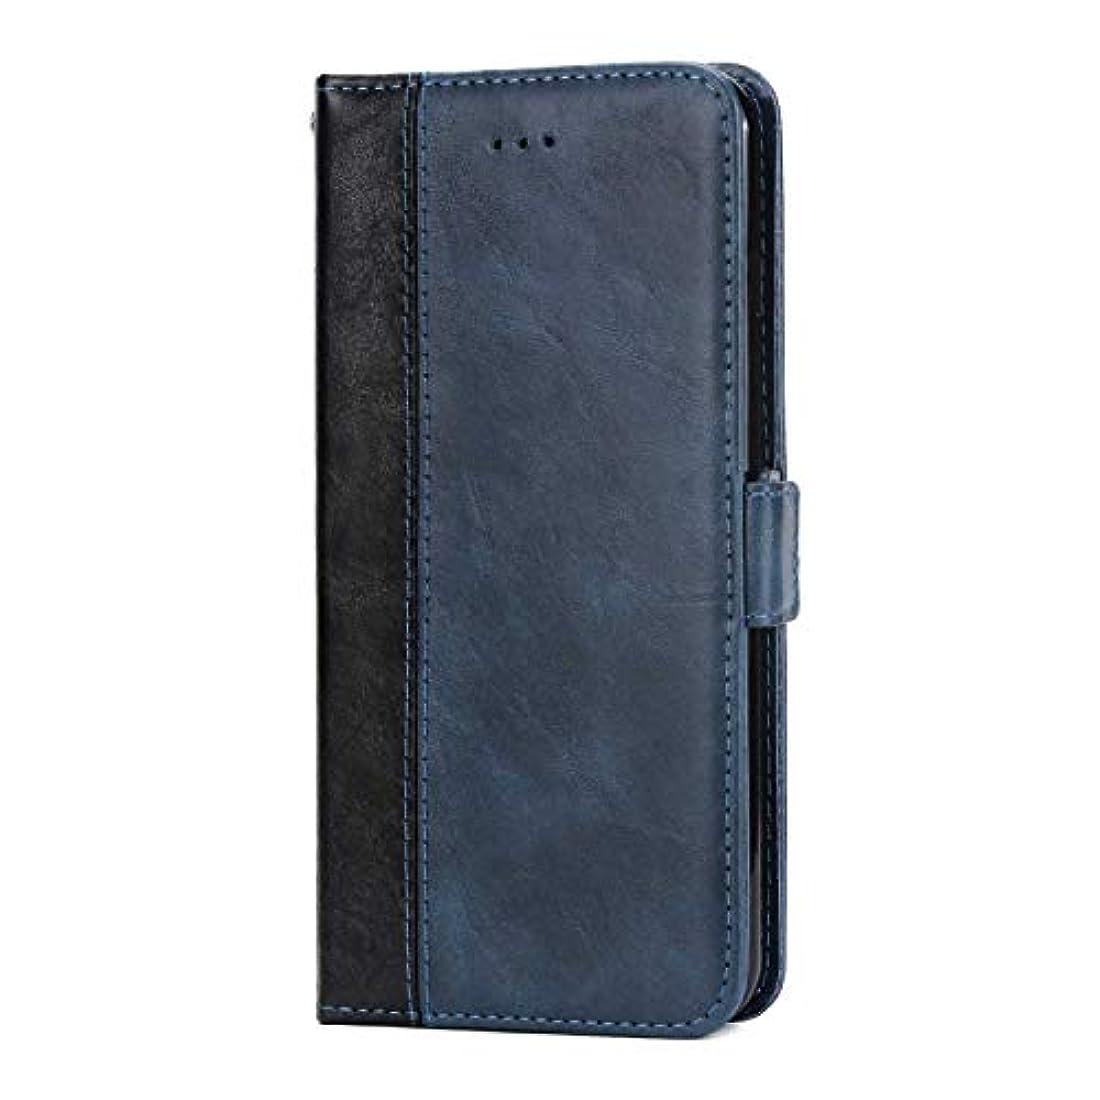 はねかける信頼血統OMATENTI Huawei P20 Pro 手帳ケース マグネット式 カバー Huawei P20 Pro 高級PUレザー カードポケット スタンド機能 薄型 スマホケース(3-ブルー)